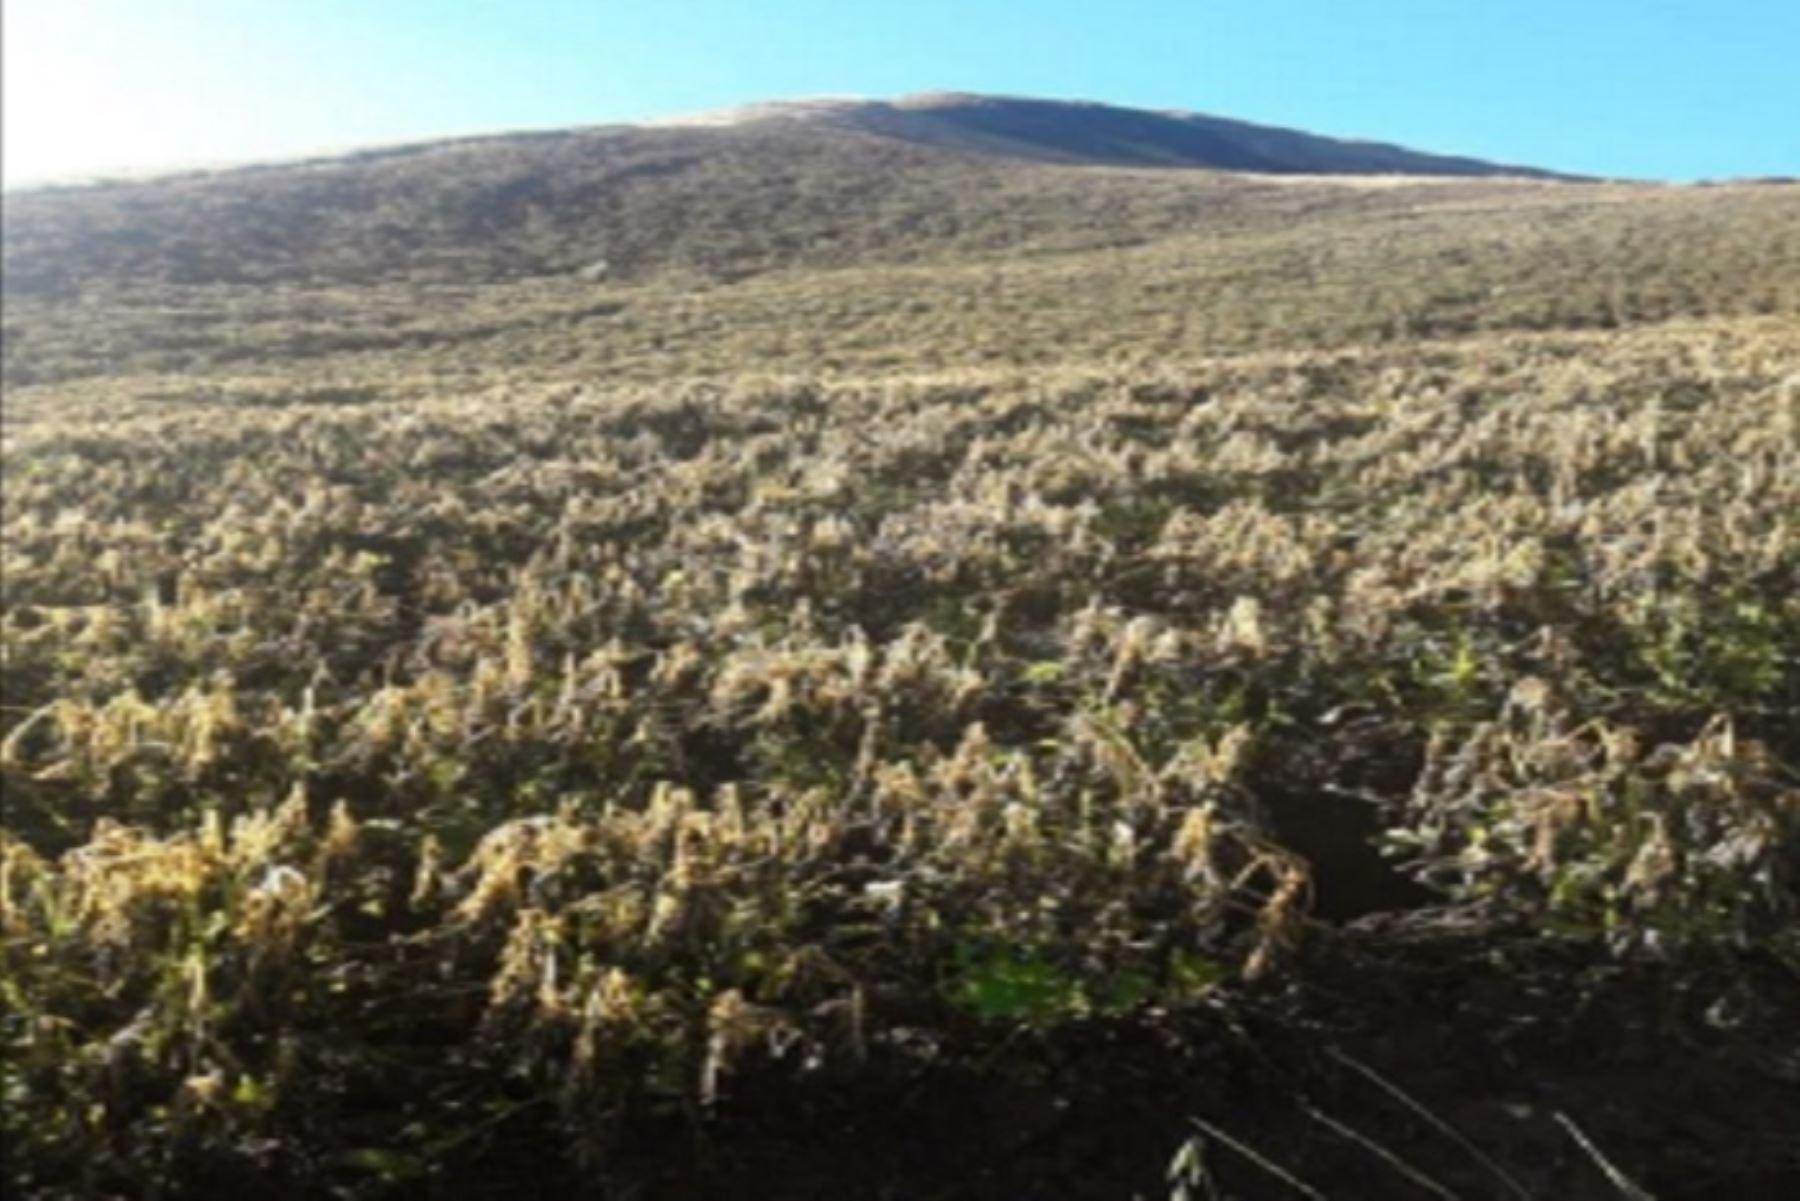 Las fuertes heladas afectaron 10 hectáreas de cultivos (papa, olluco y oca), en el distrito de Ranracancha, provincia de Chincheros, región Apurímac, informó el Instituto Nacional de Defensa Civil (Indeci).